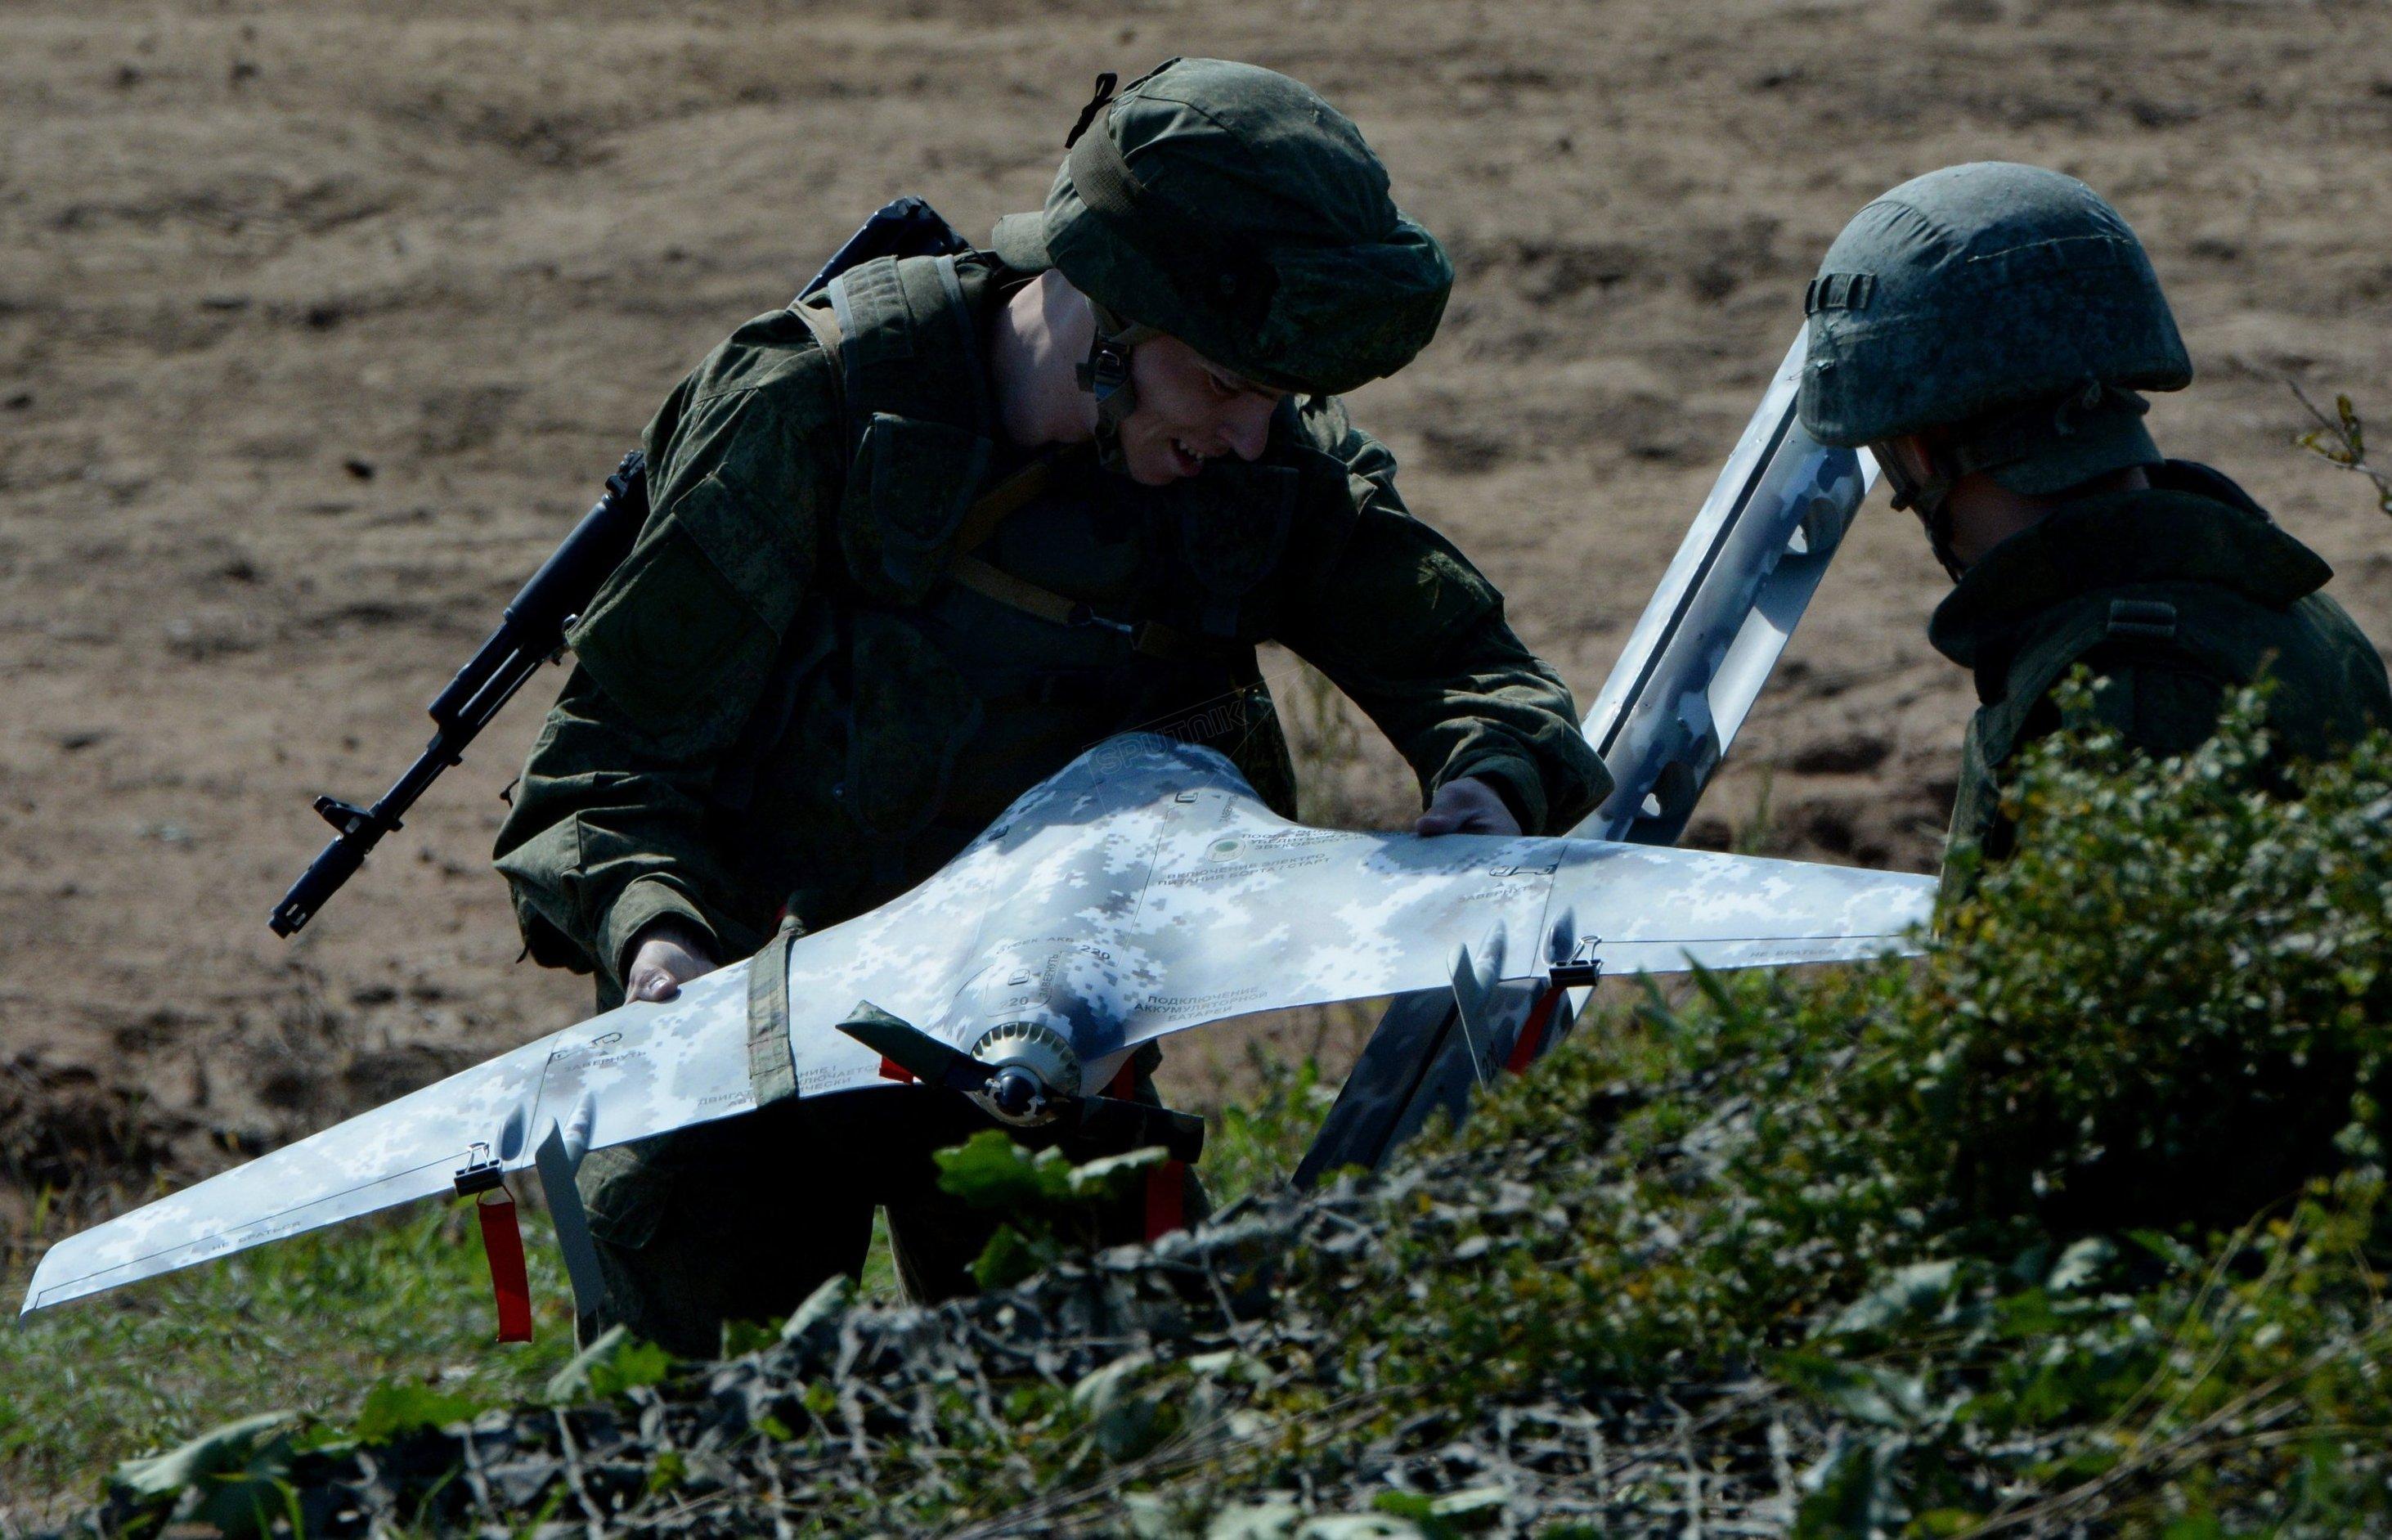 Los militares rusos preparan un dron durante los ejercicios conjuntos con sus colegas indios (archivo)